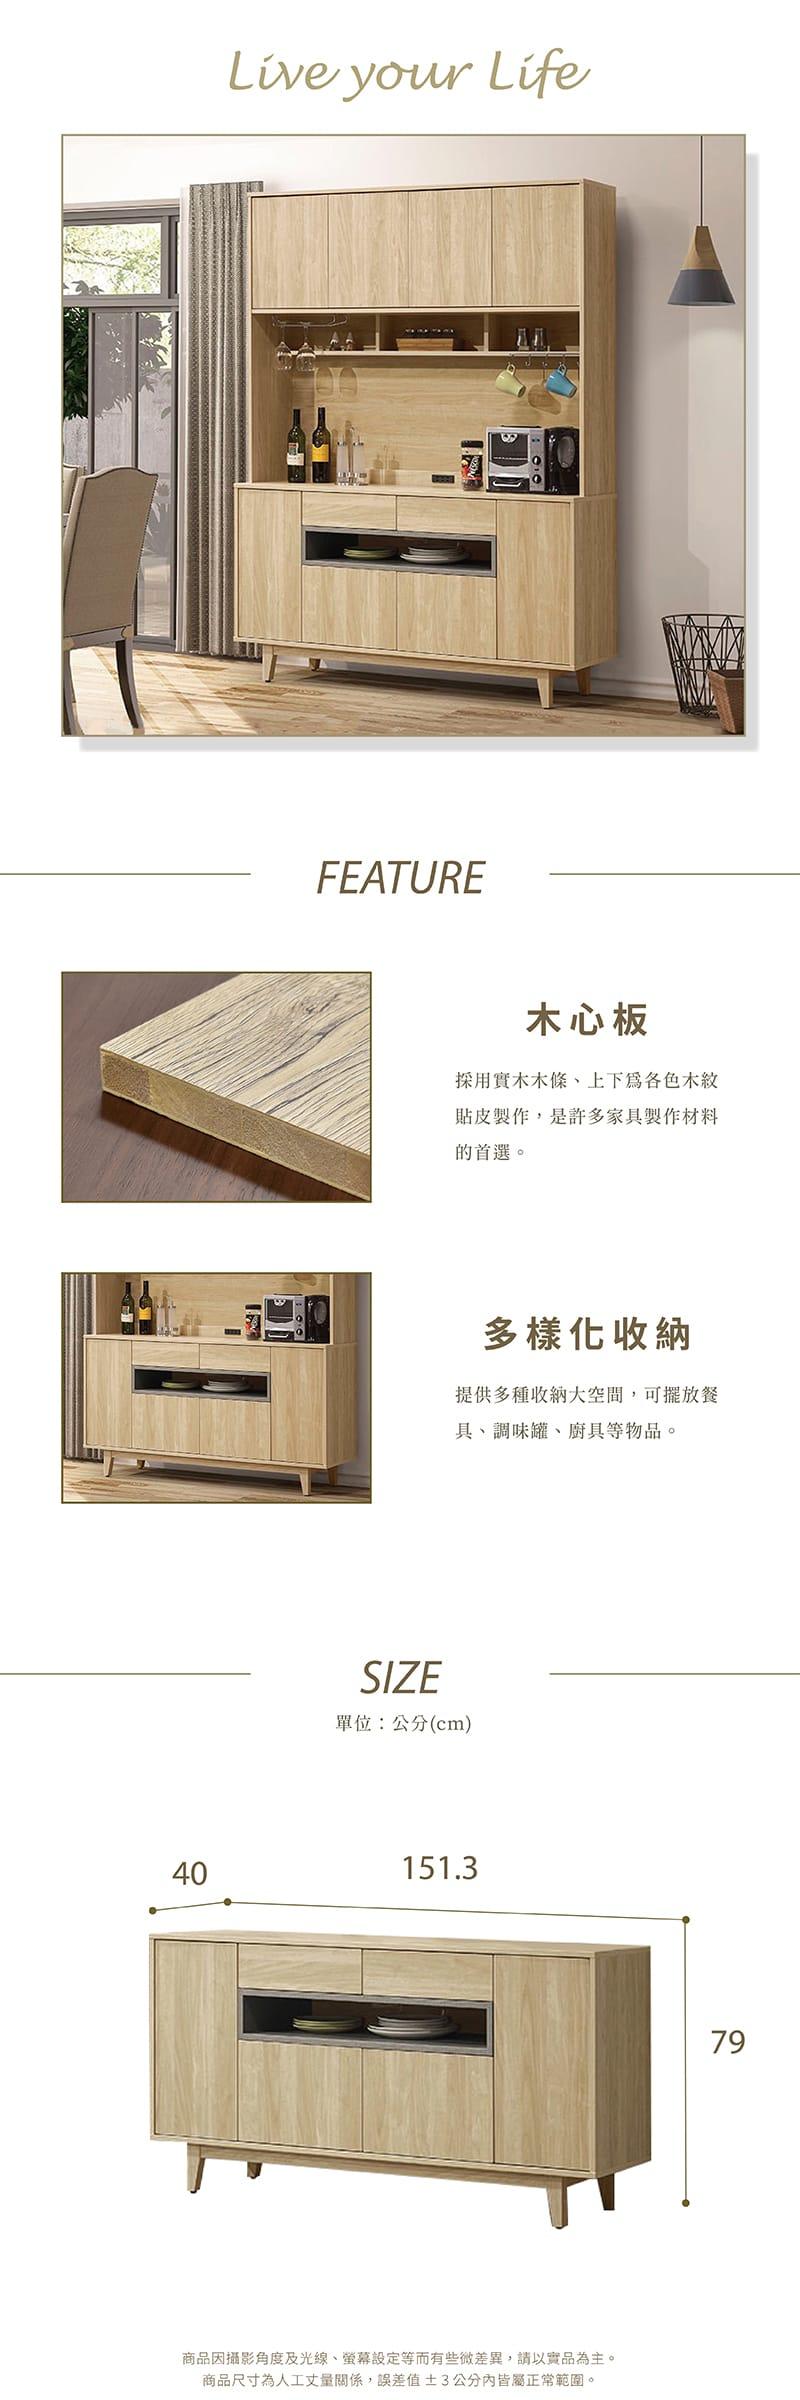 沐夏 北歐風廚櫃下座 寬152cm